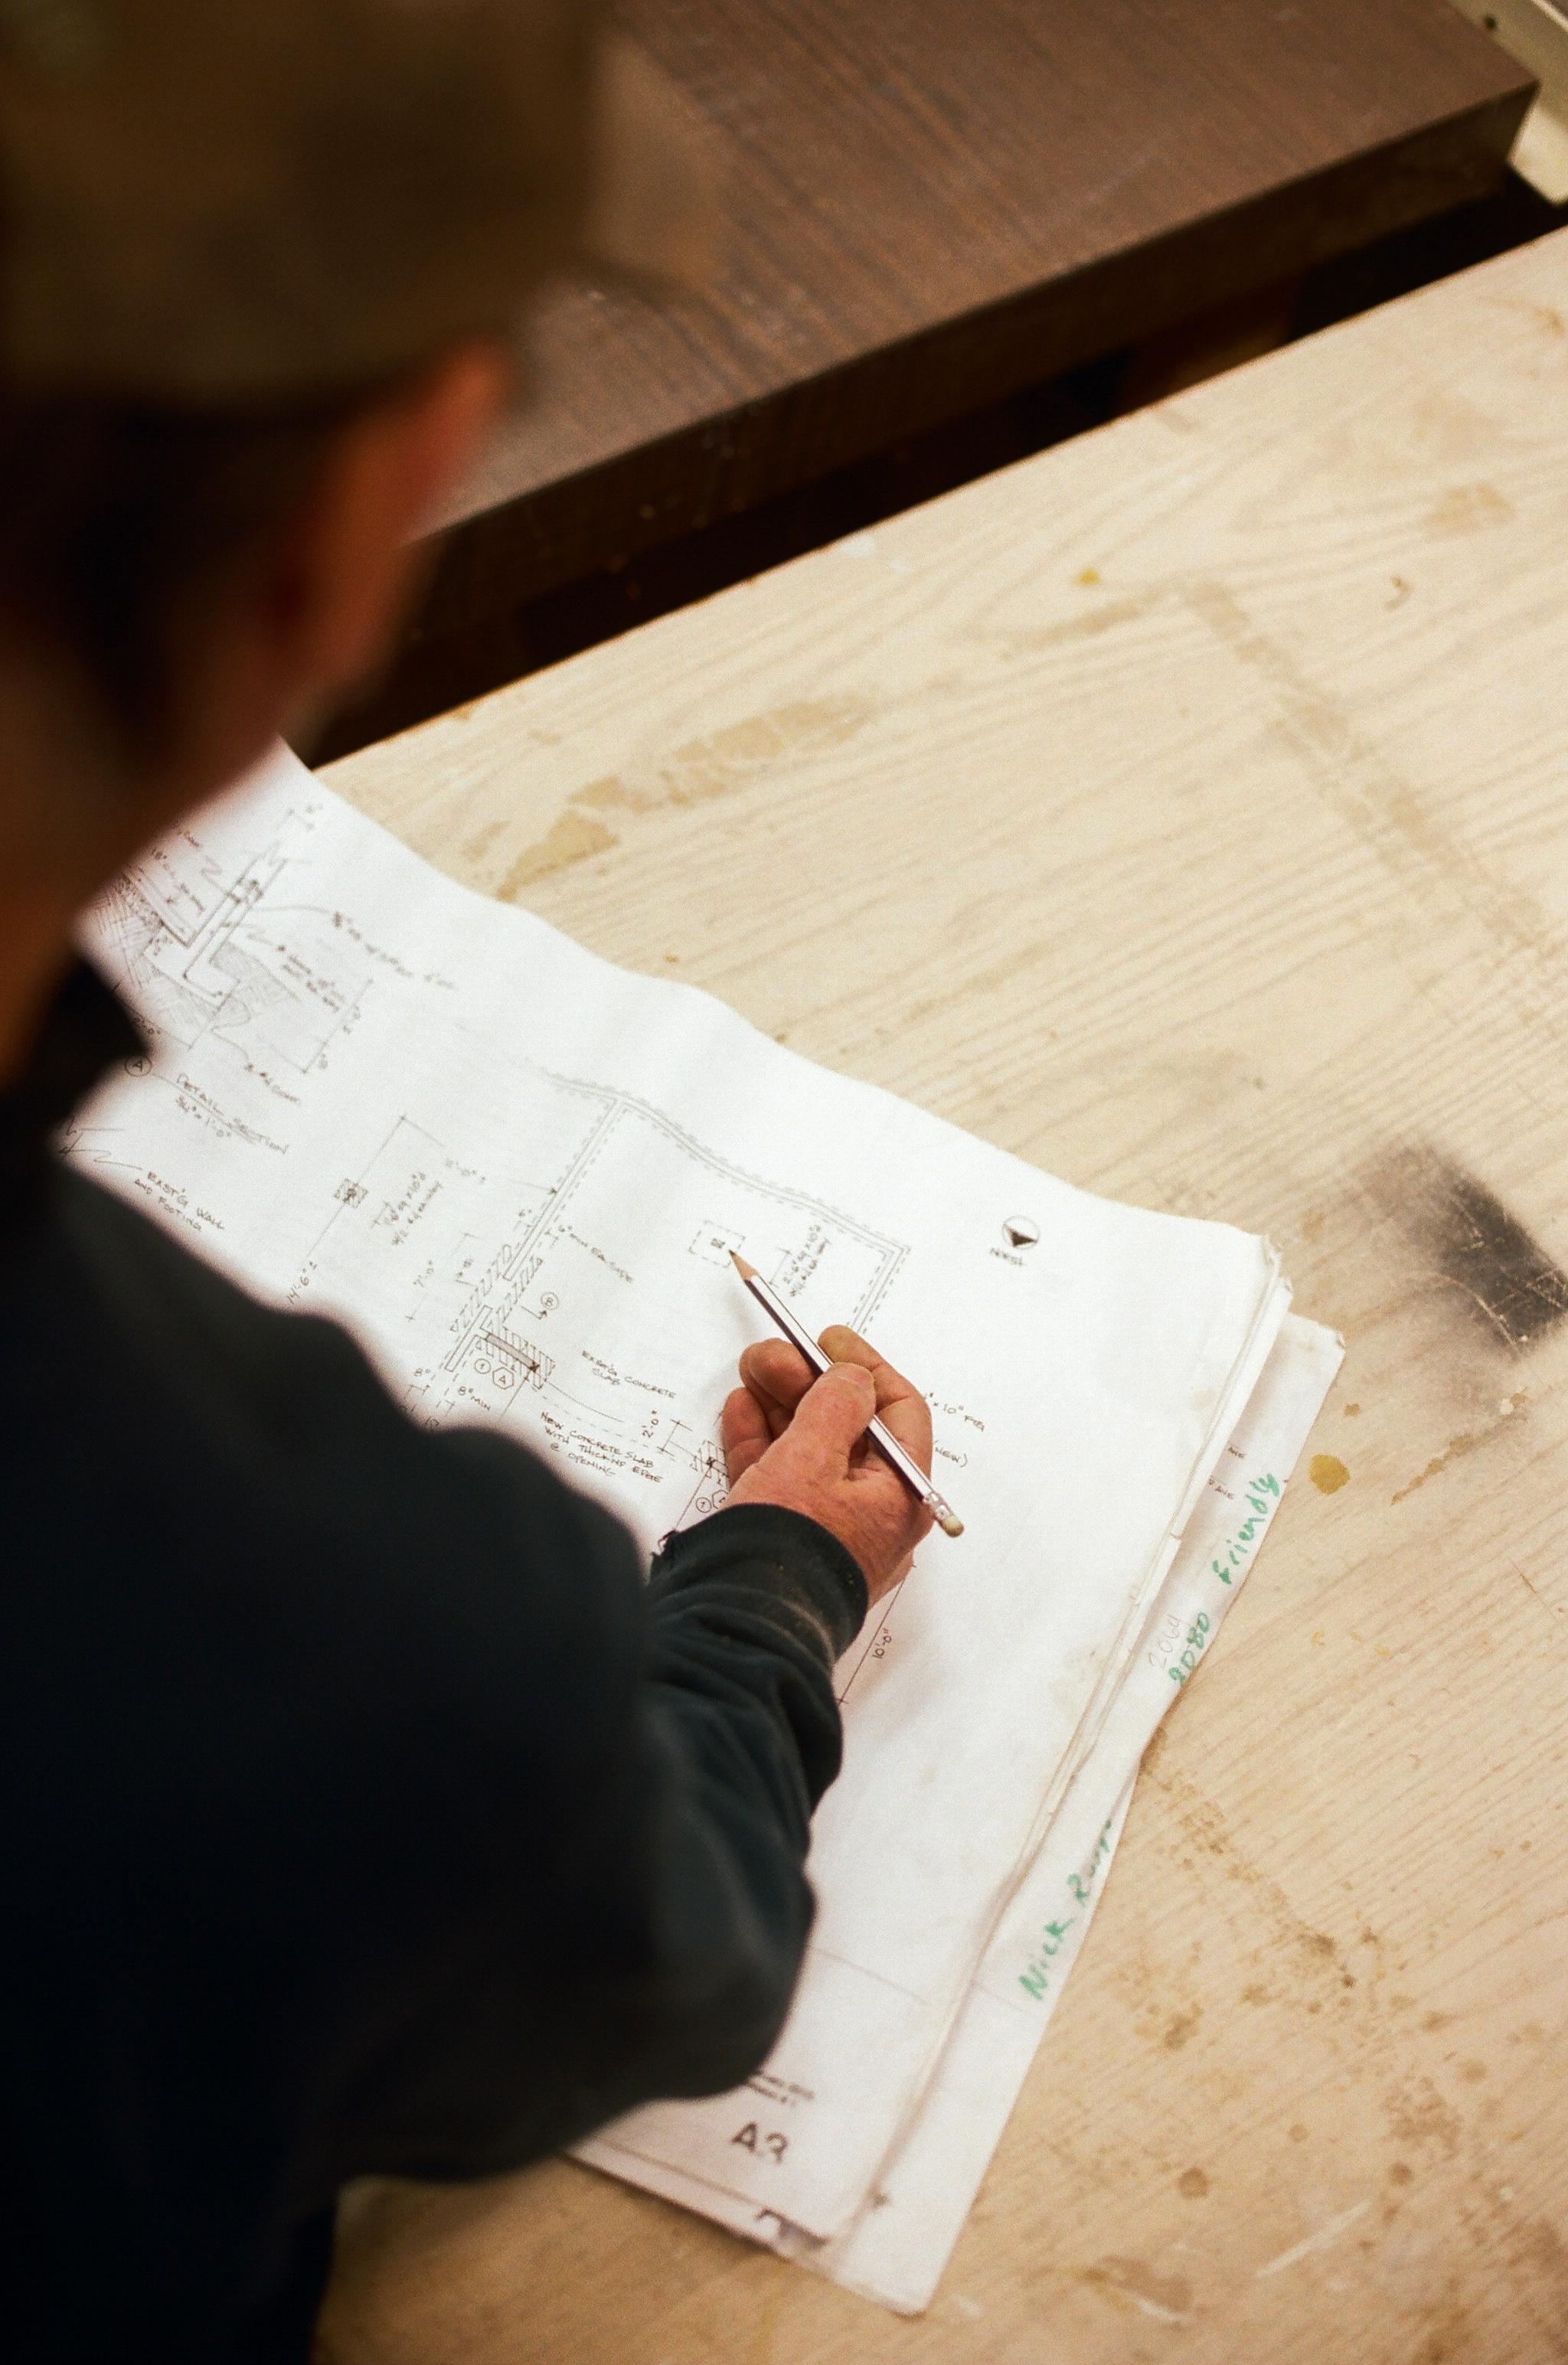 renaissance-remodeling-and-restoration_renaissancebuild_eugene-oregon_nick-russo_2.jpg